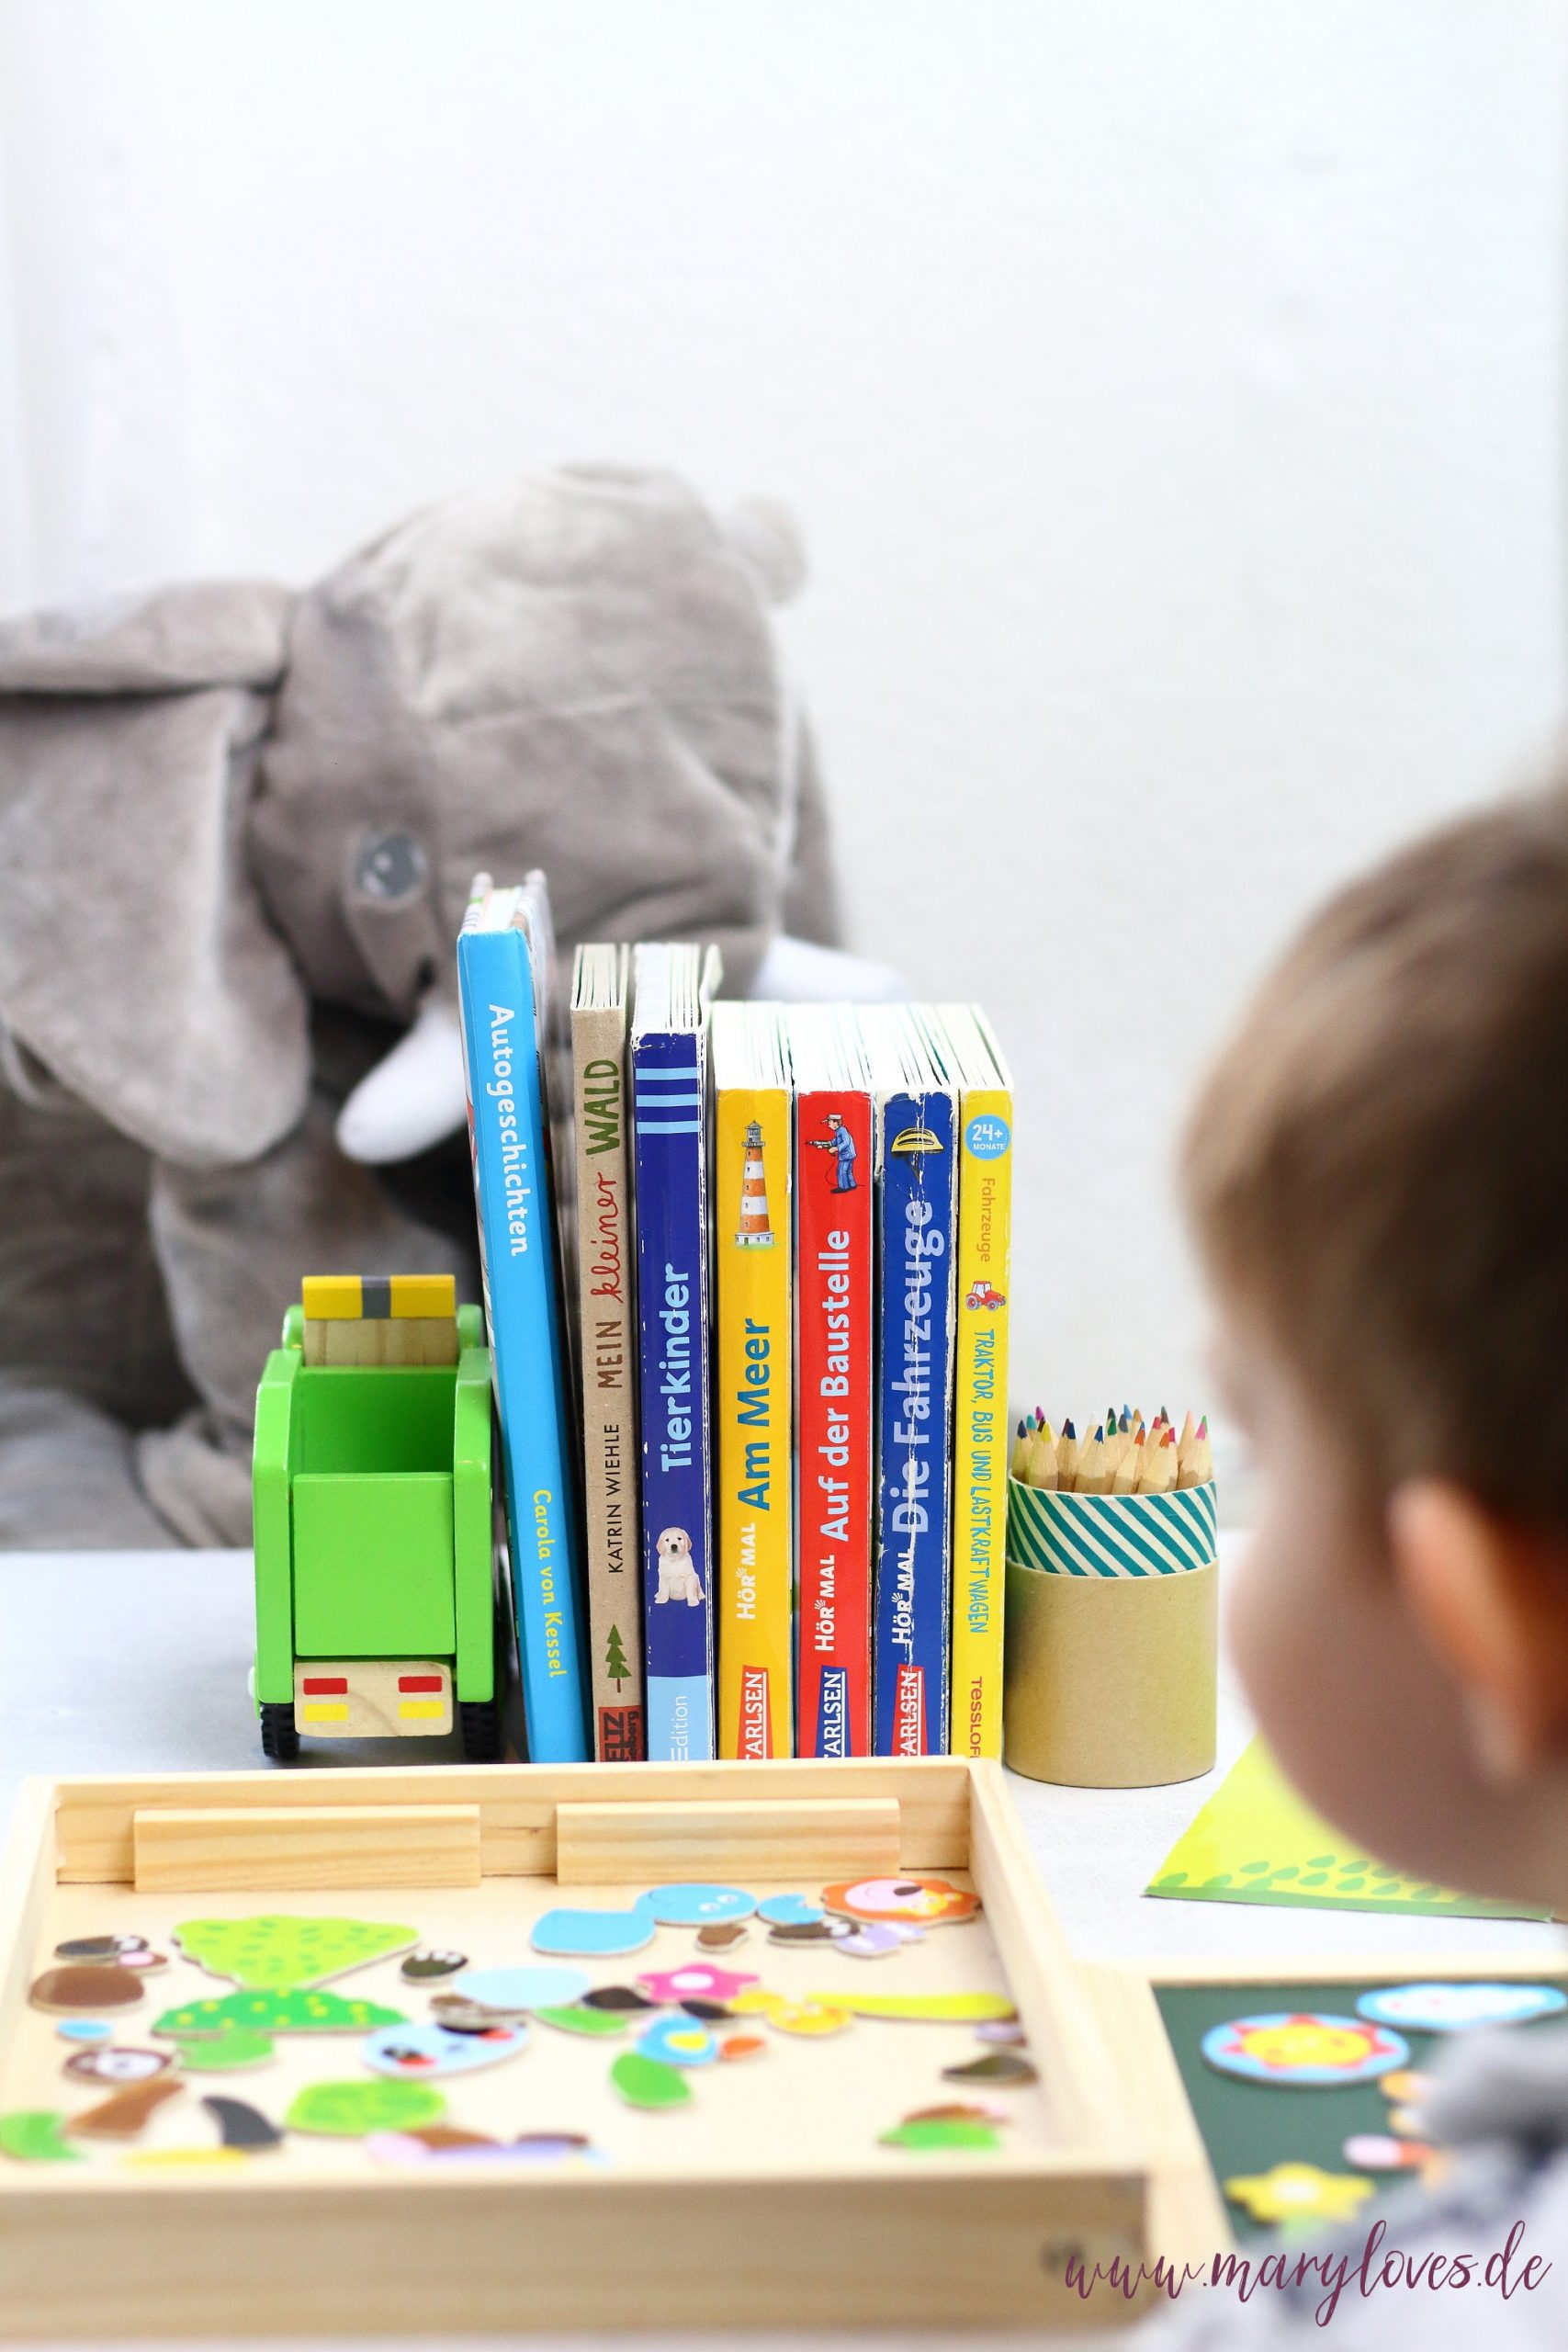 11 Spiel- & Beschäftigungsideen für Kleinkinder zu Hause